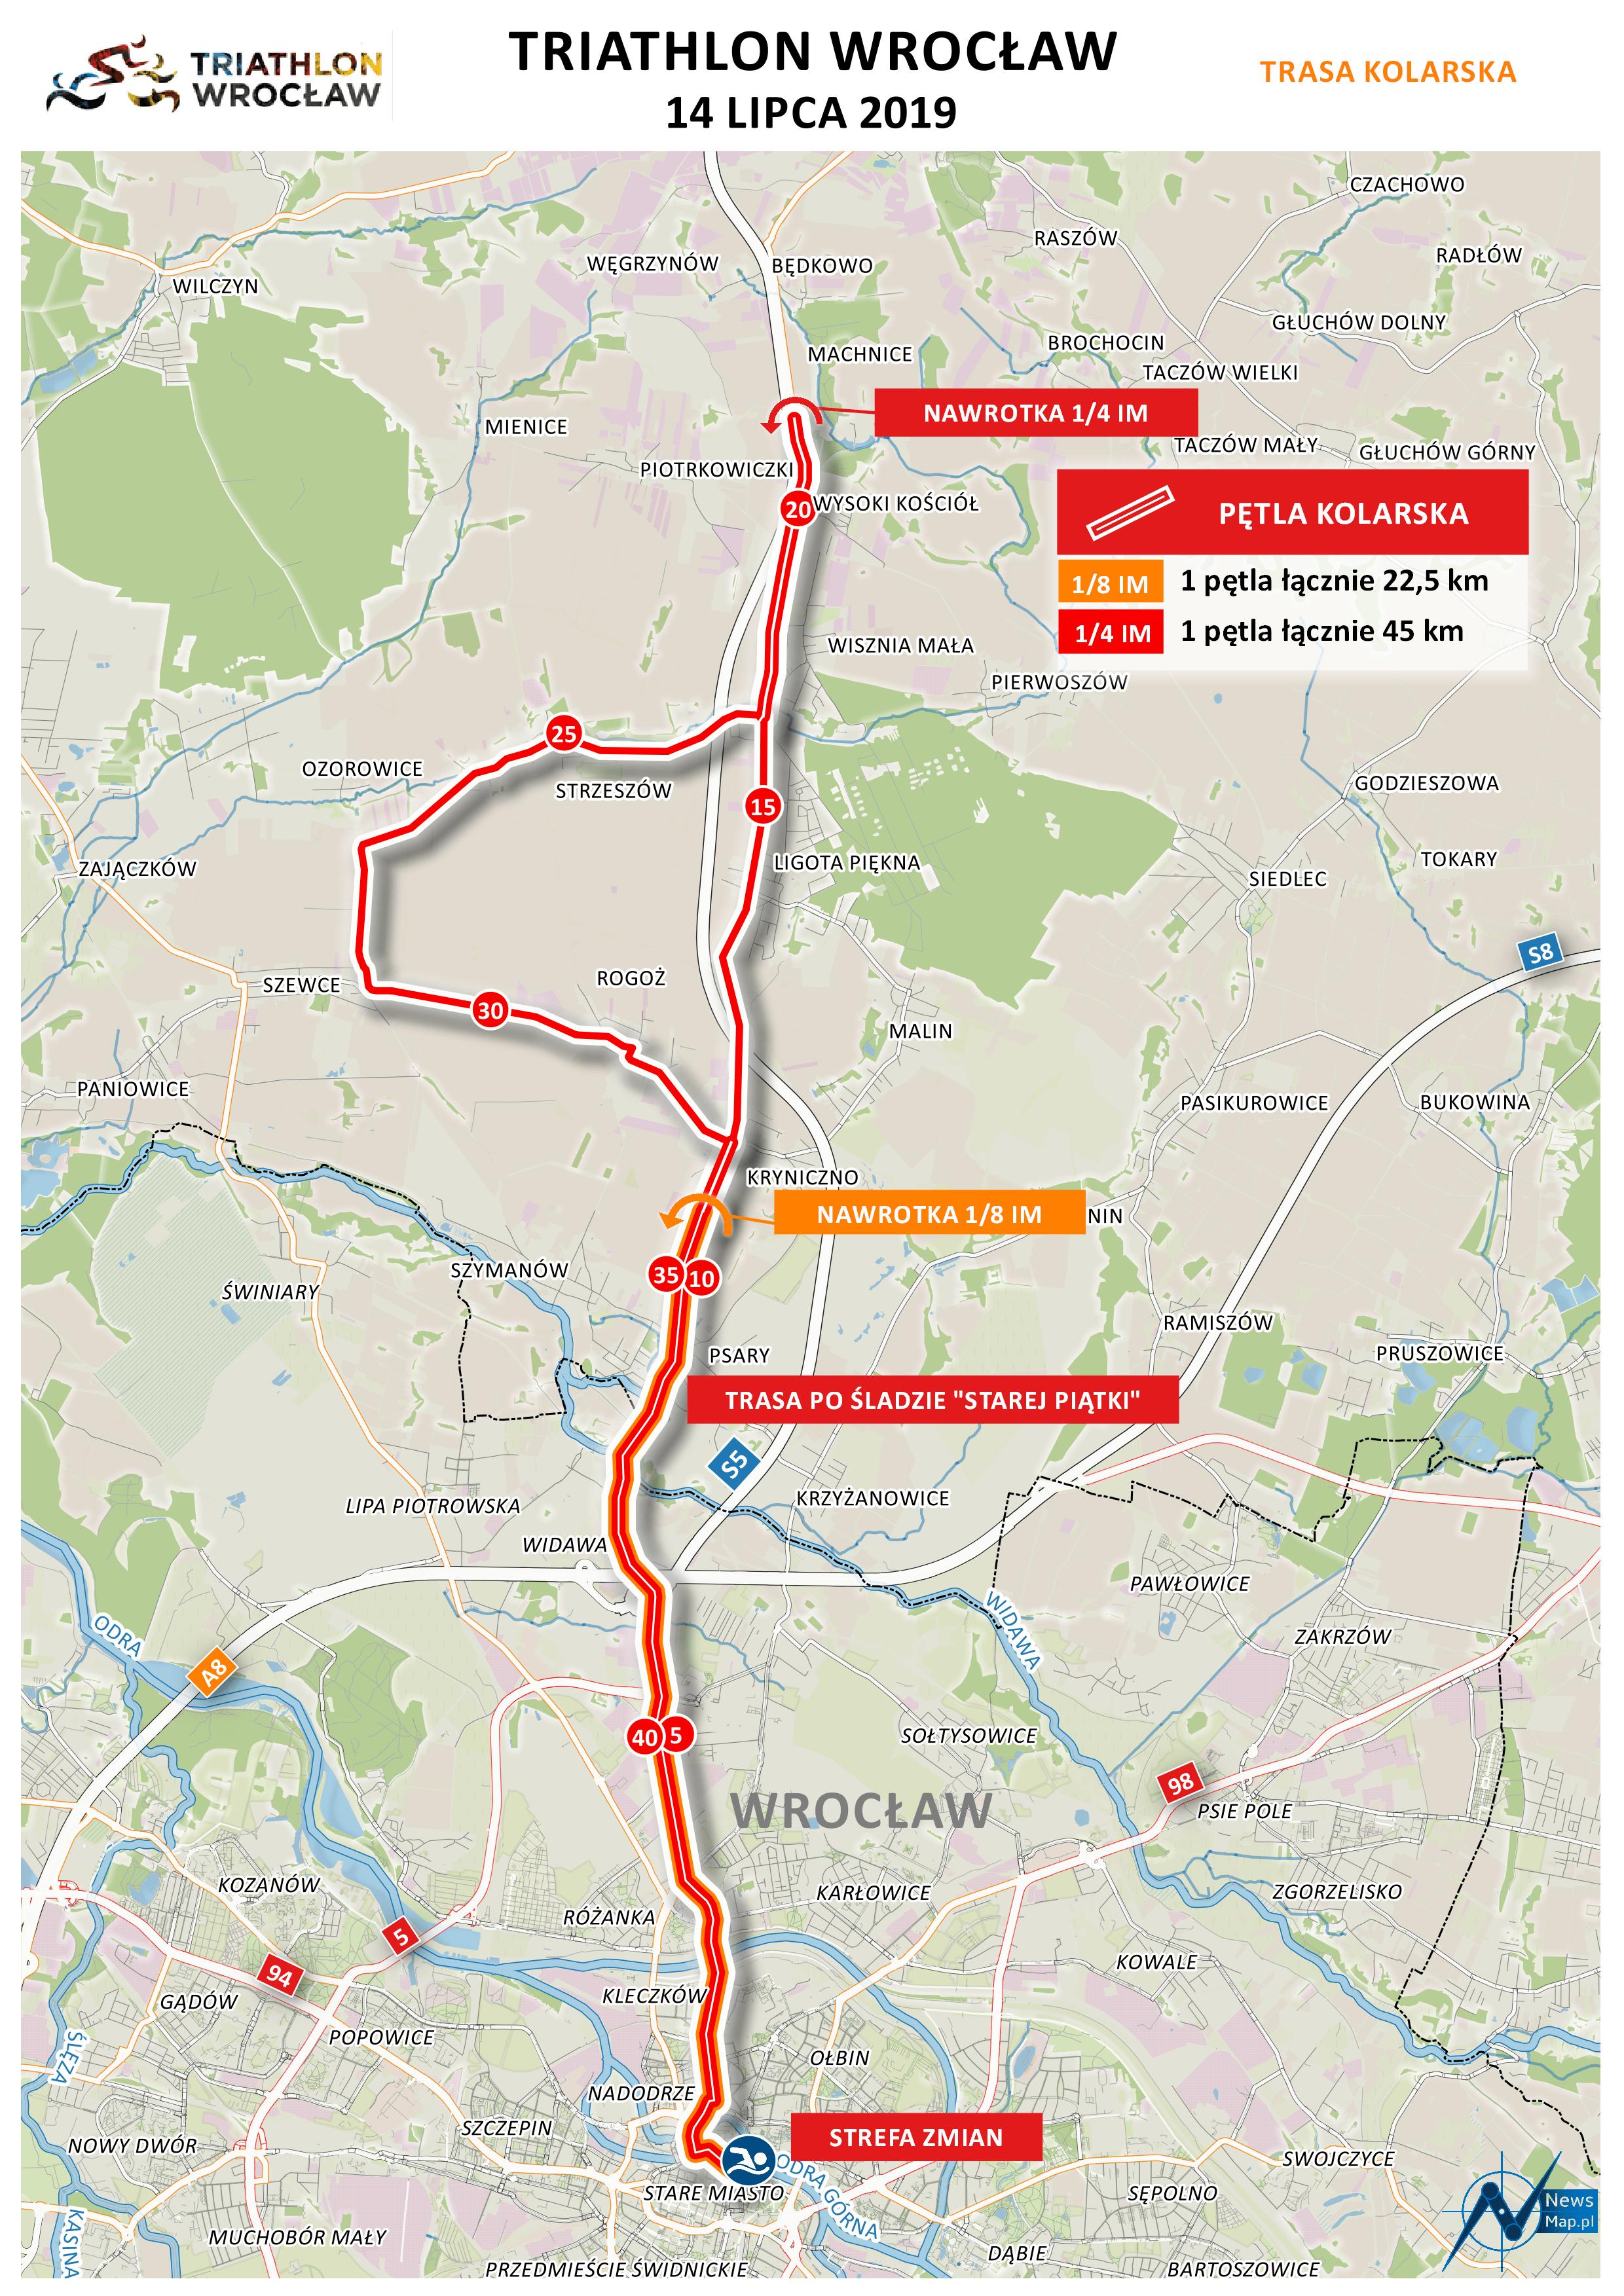 Mapa statyczna Triathlon Wrocław 2019 - rower